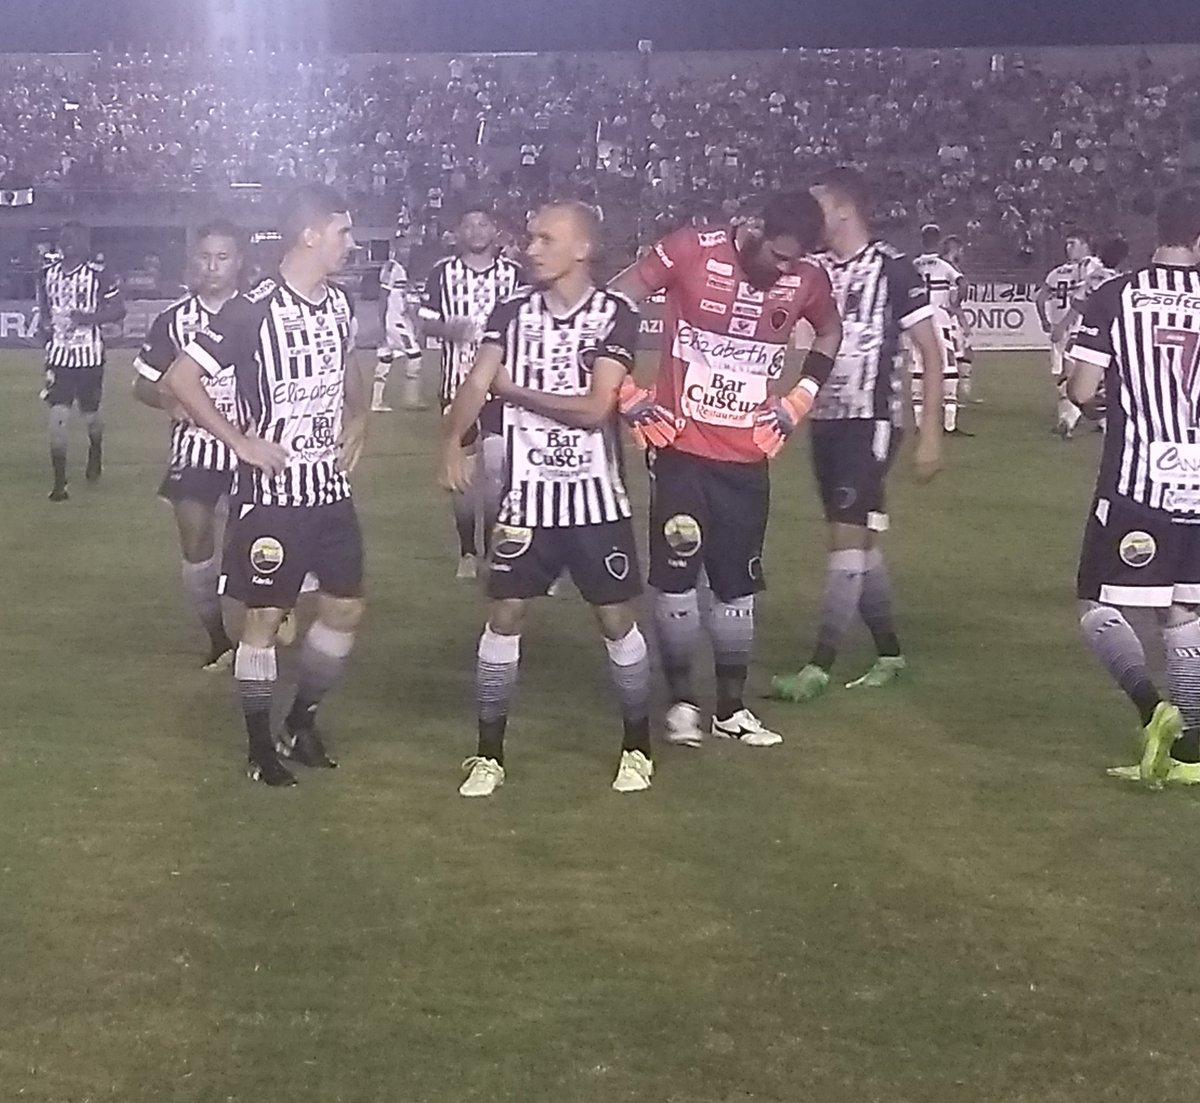 Botafogo Paraíba - CAMPEONATO BRASILEIRO: Botafogo-PB e Santa Cruz-PE empatam com 1 a 1 em partida no Almeidão